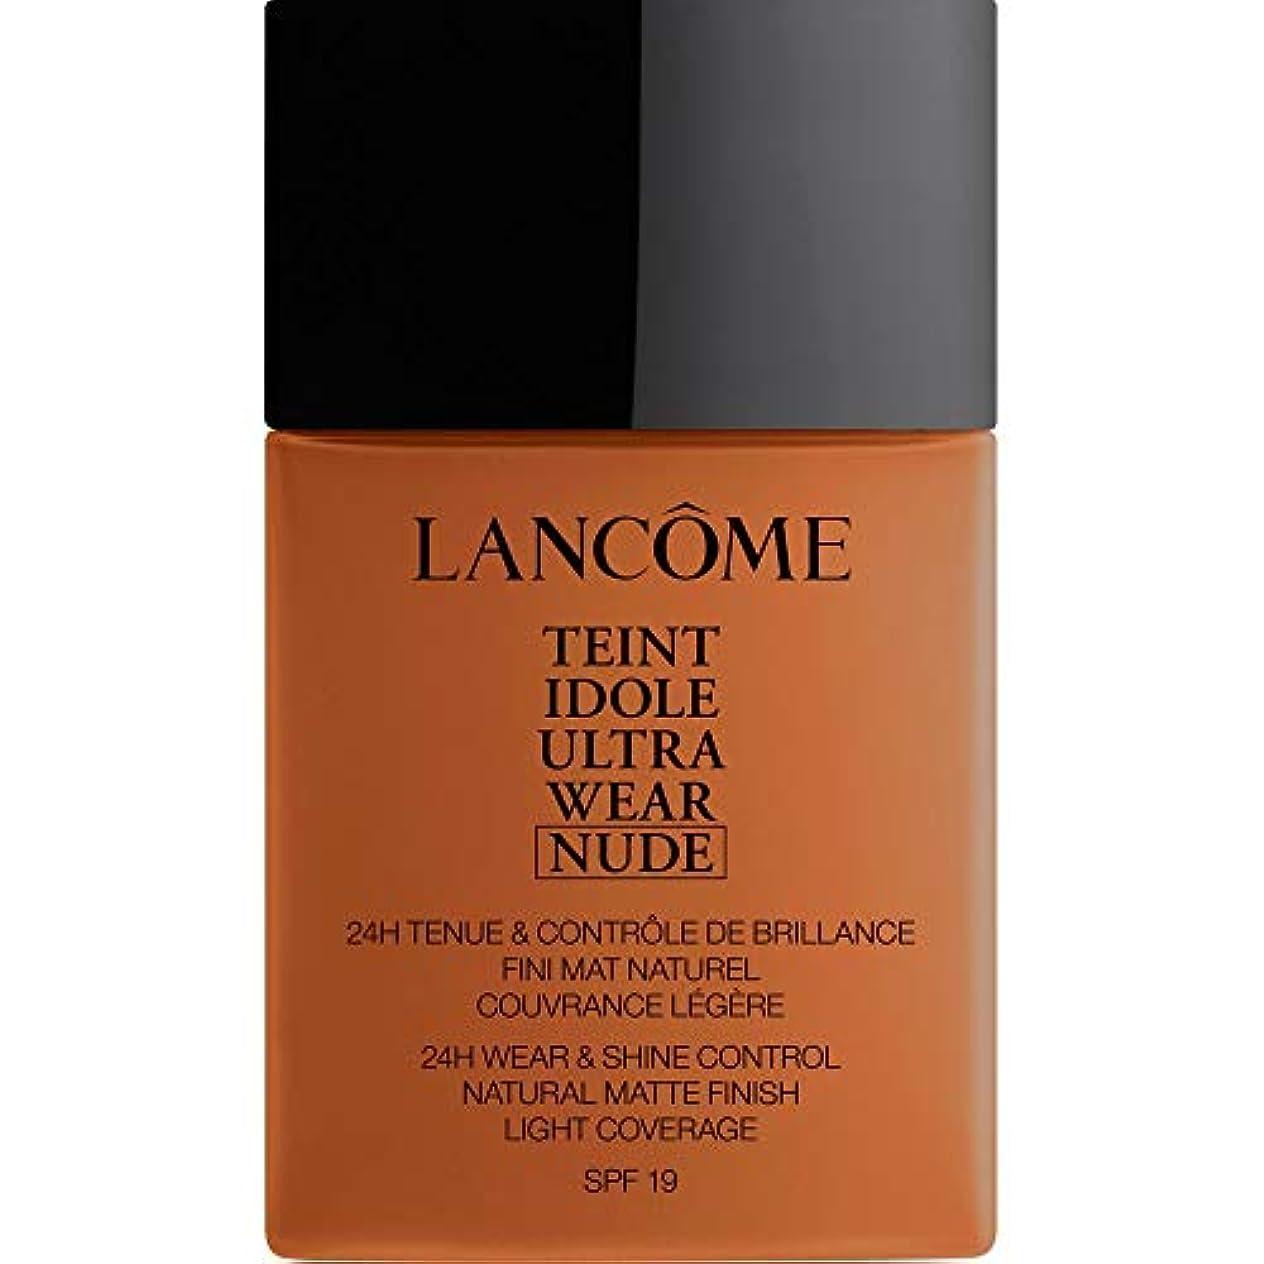 アーティキュレーション喉が渇いたカレッジ[Lanc?me ] アンブレ - ランコムTeintのIdoleは、超ヌード基礎Spf19の40ミリリットル12を着用します - Lancome Teint Idole Ultra Wear Nude Foundation...